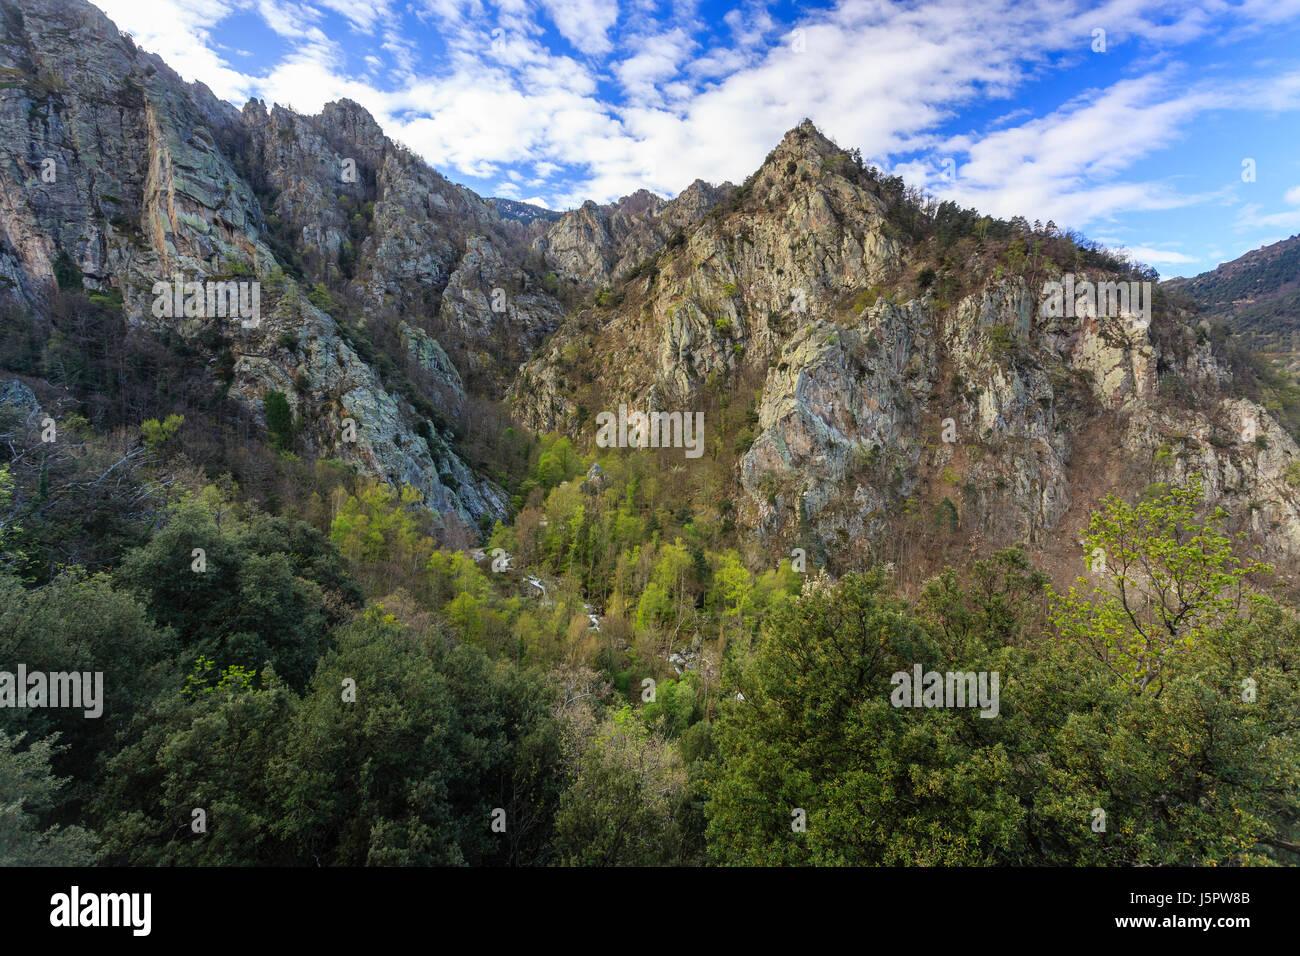 Francia, Pyrénées-Orientales (66), Casteil, la Rivière El Cadi au fond des gorges a proximité Immagini Stock